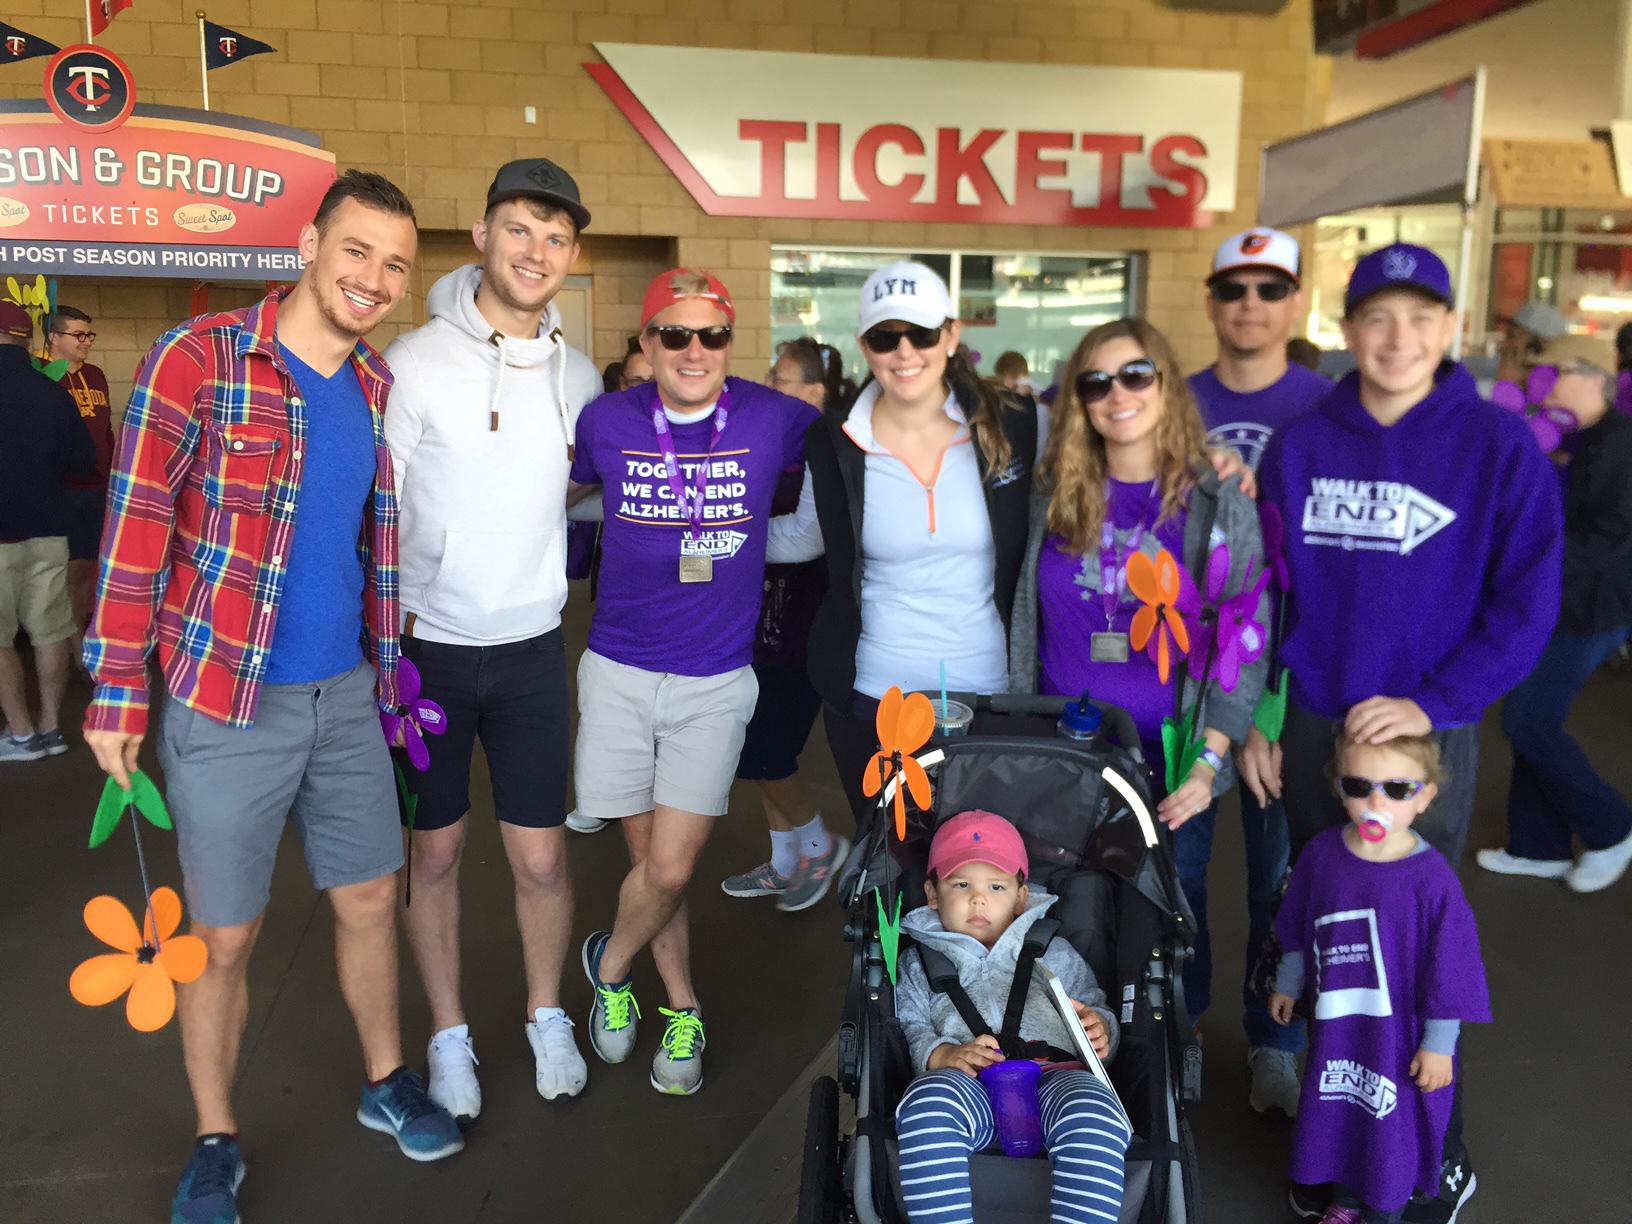 Stepping up to cure Alzheimer's: Halunen Law's Jennifer Vukelich-Seltz raises funds and awareness for the Alzheimer's Association